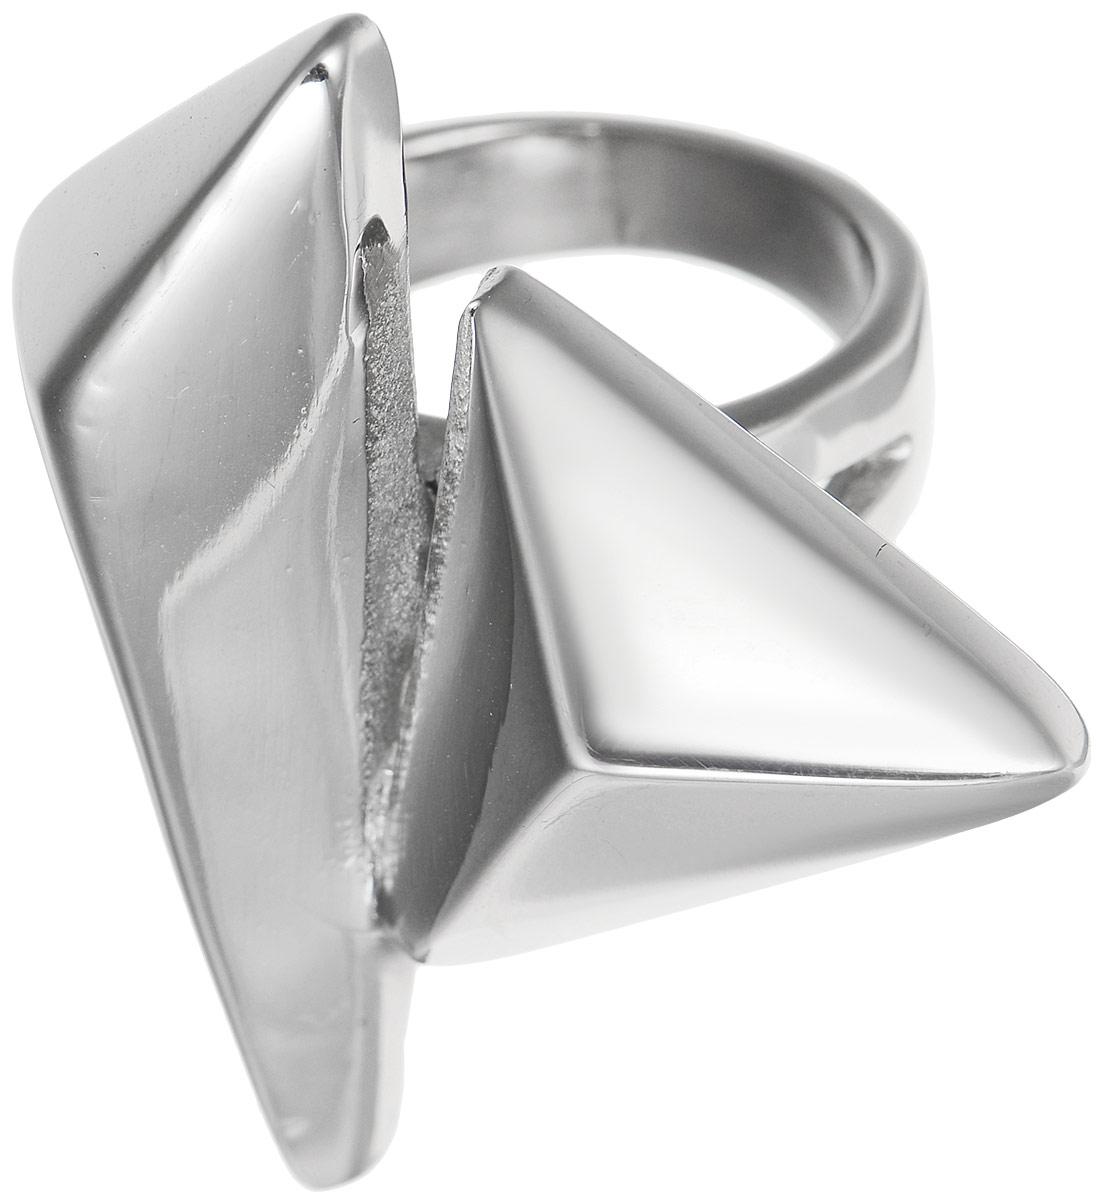 Кольцо Polina Selezneva, цвет: серебристый. DG-0013. Размер 18Коктейльное кольцоСтильное кольцо Polina Selezneva изготовлено из качественного металлического сплава. Декоративная часть выполнена в оригинальной форме.